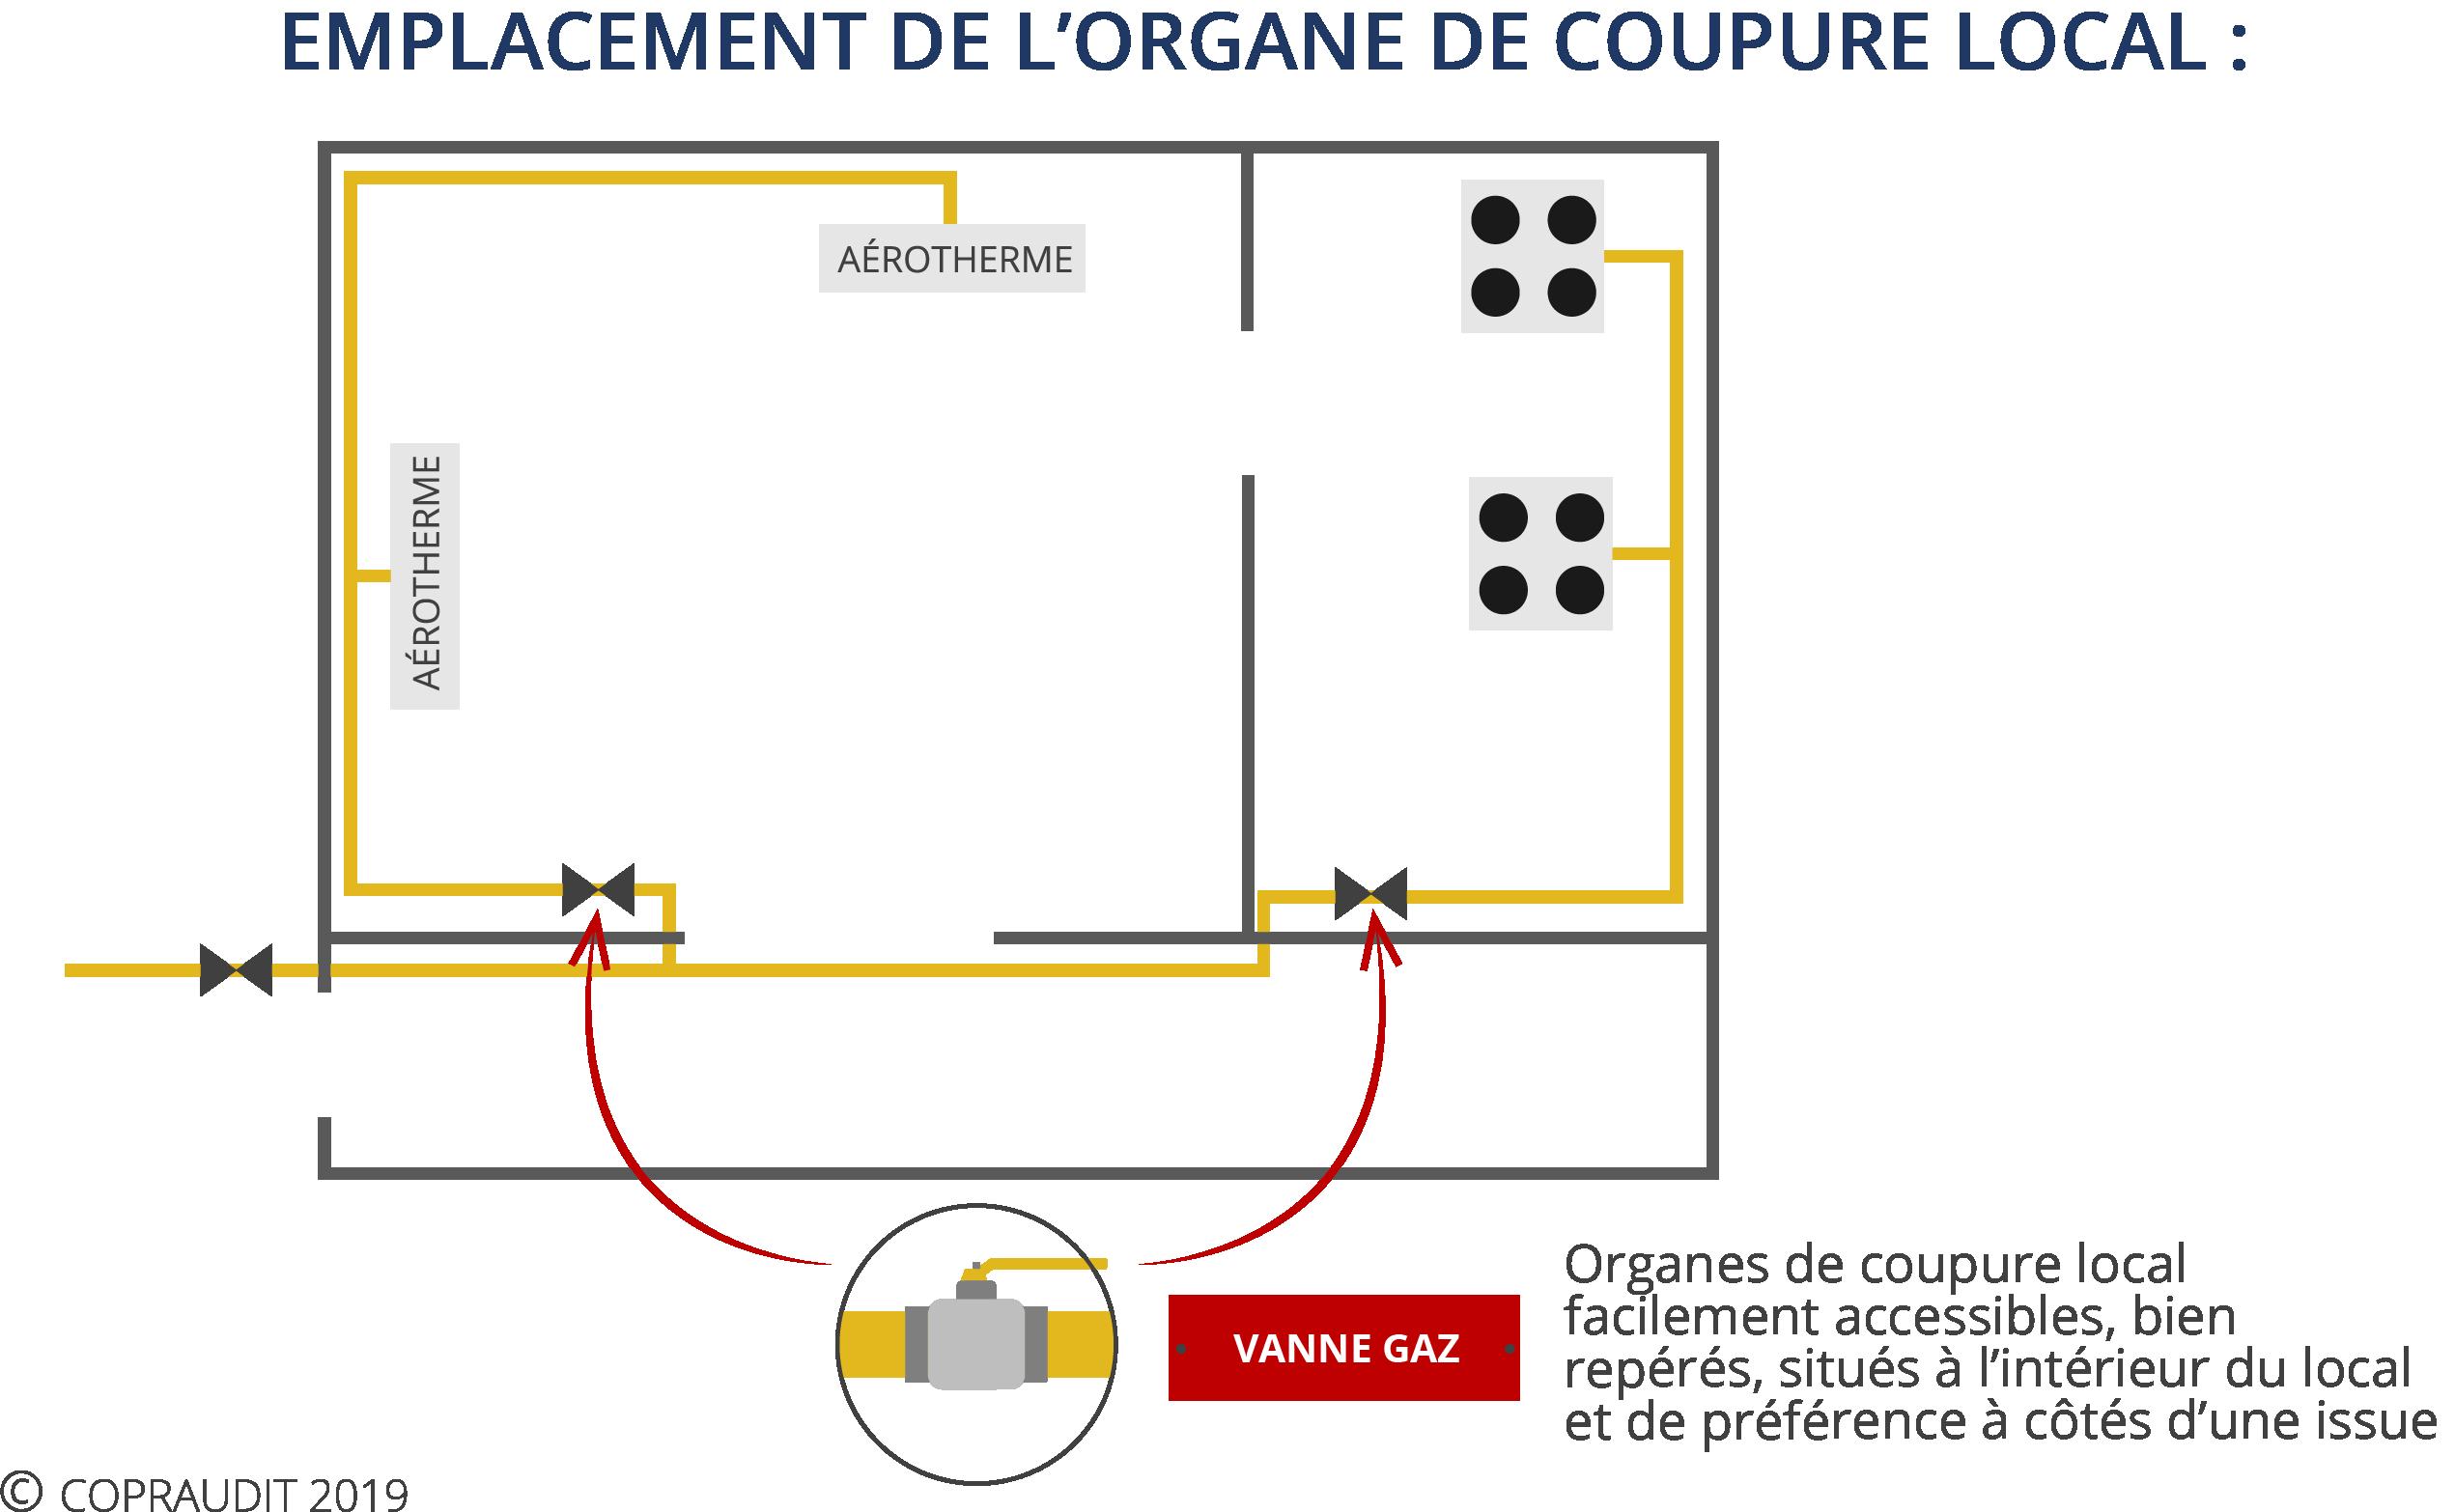 schema organe de coupure gaz salle des fetes